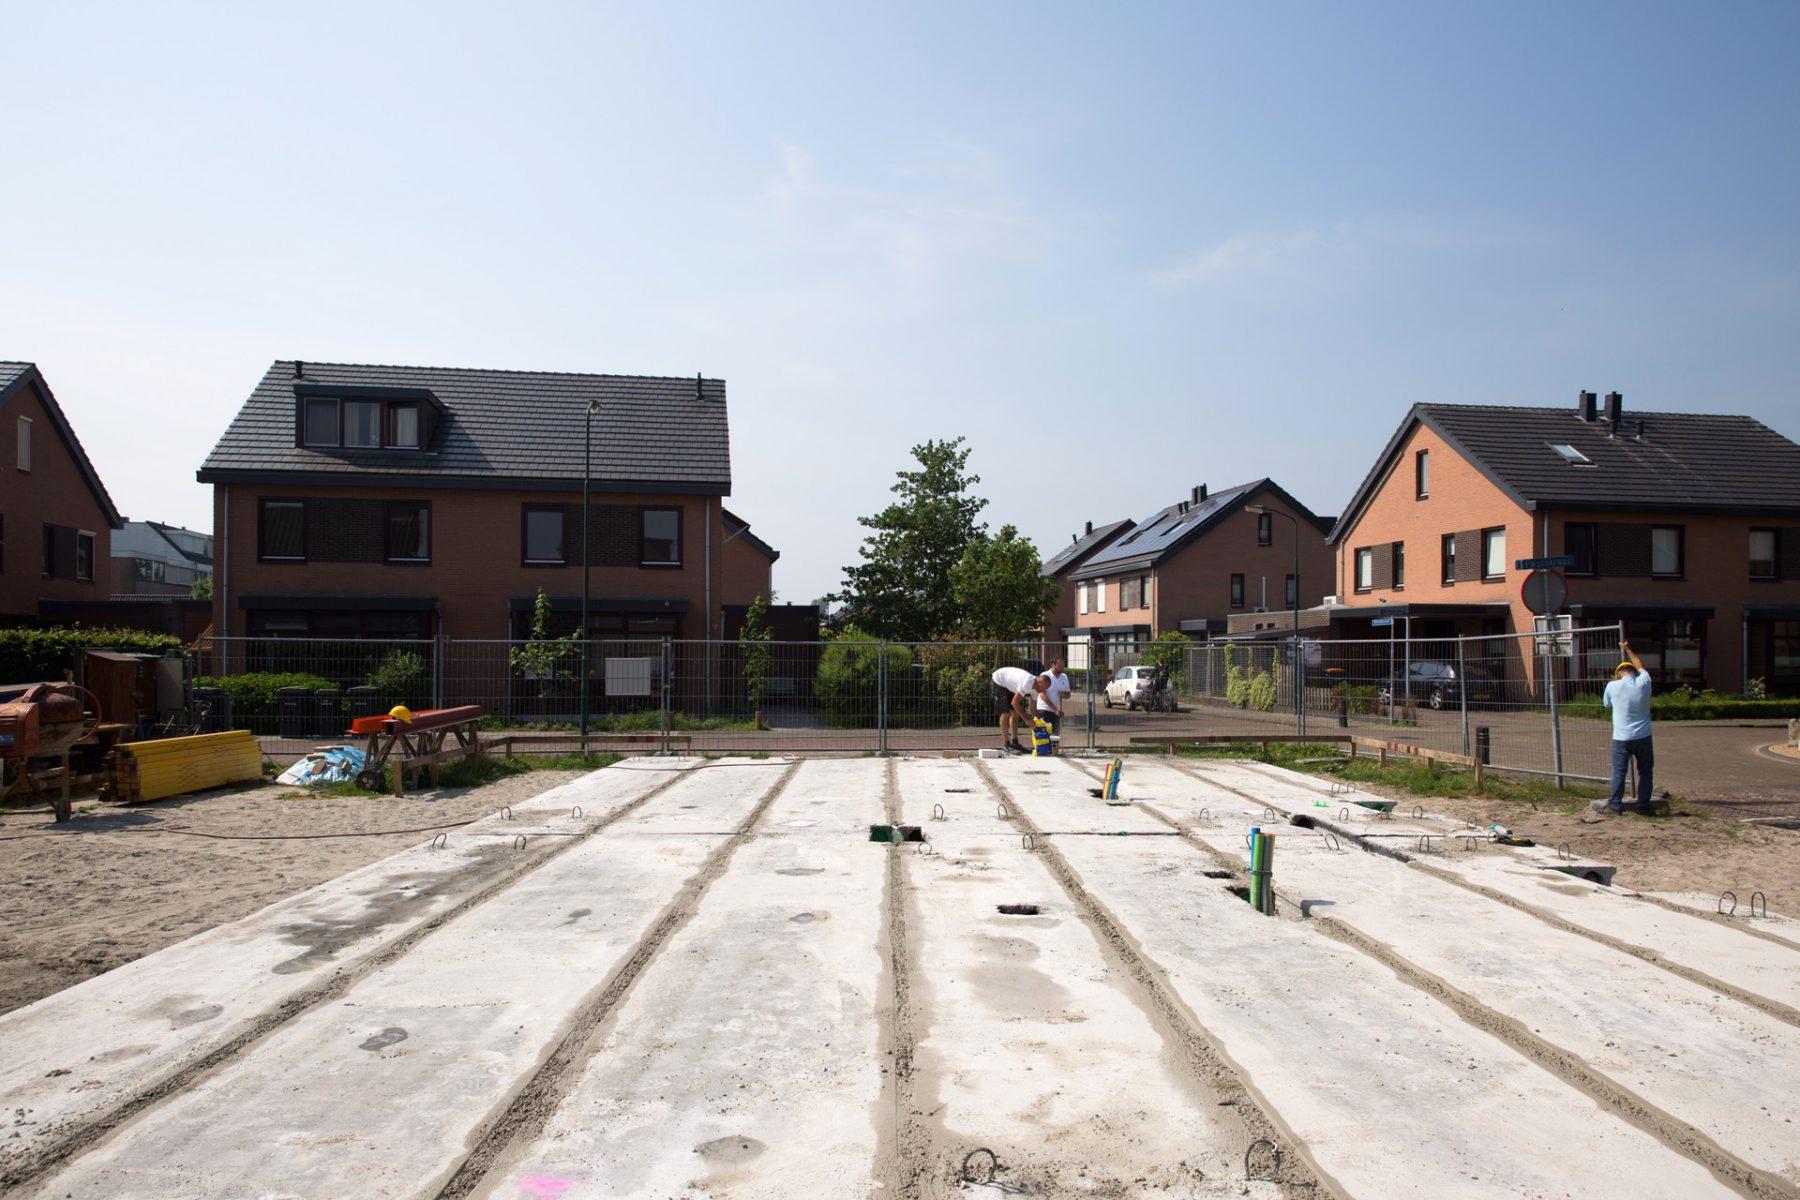 Geïsoleerde-kanaalplaten-building-supply-prefab-beton-naden-afstorten